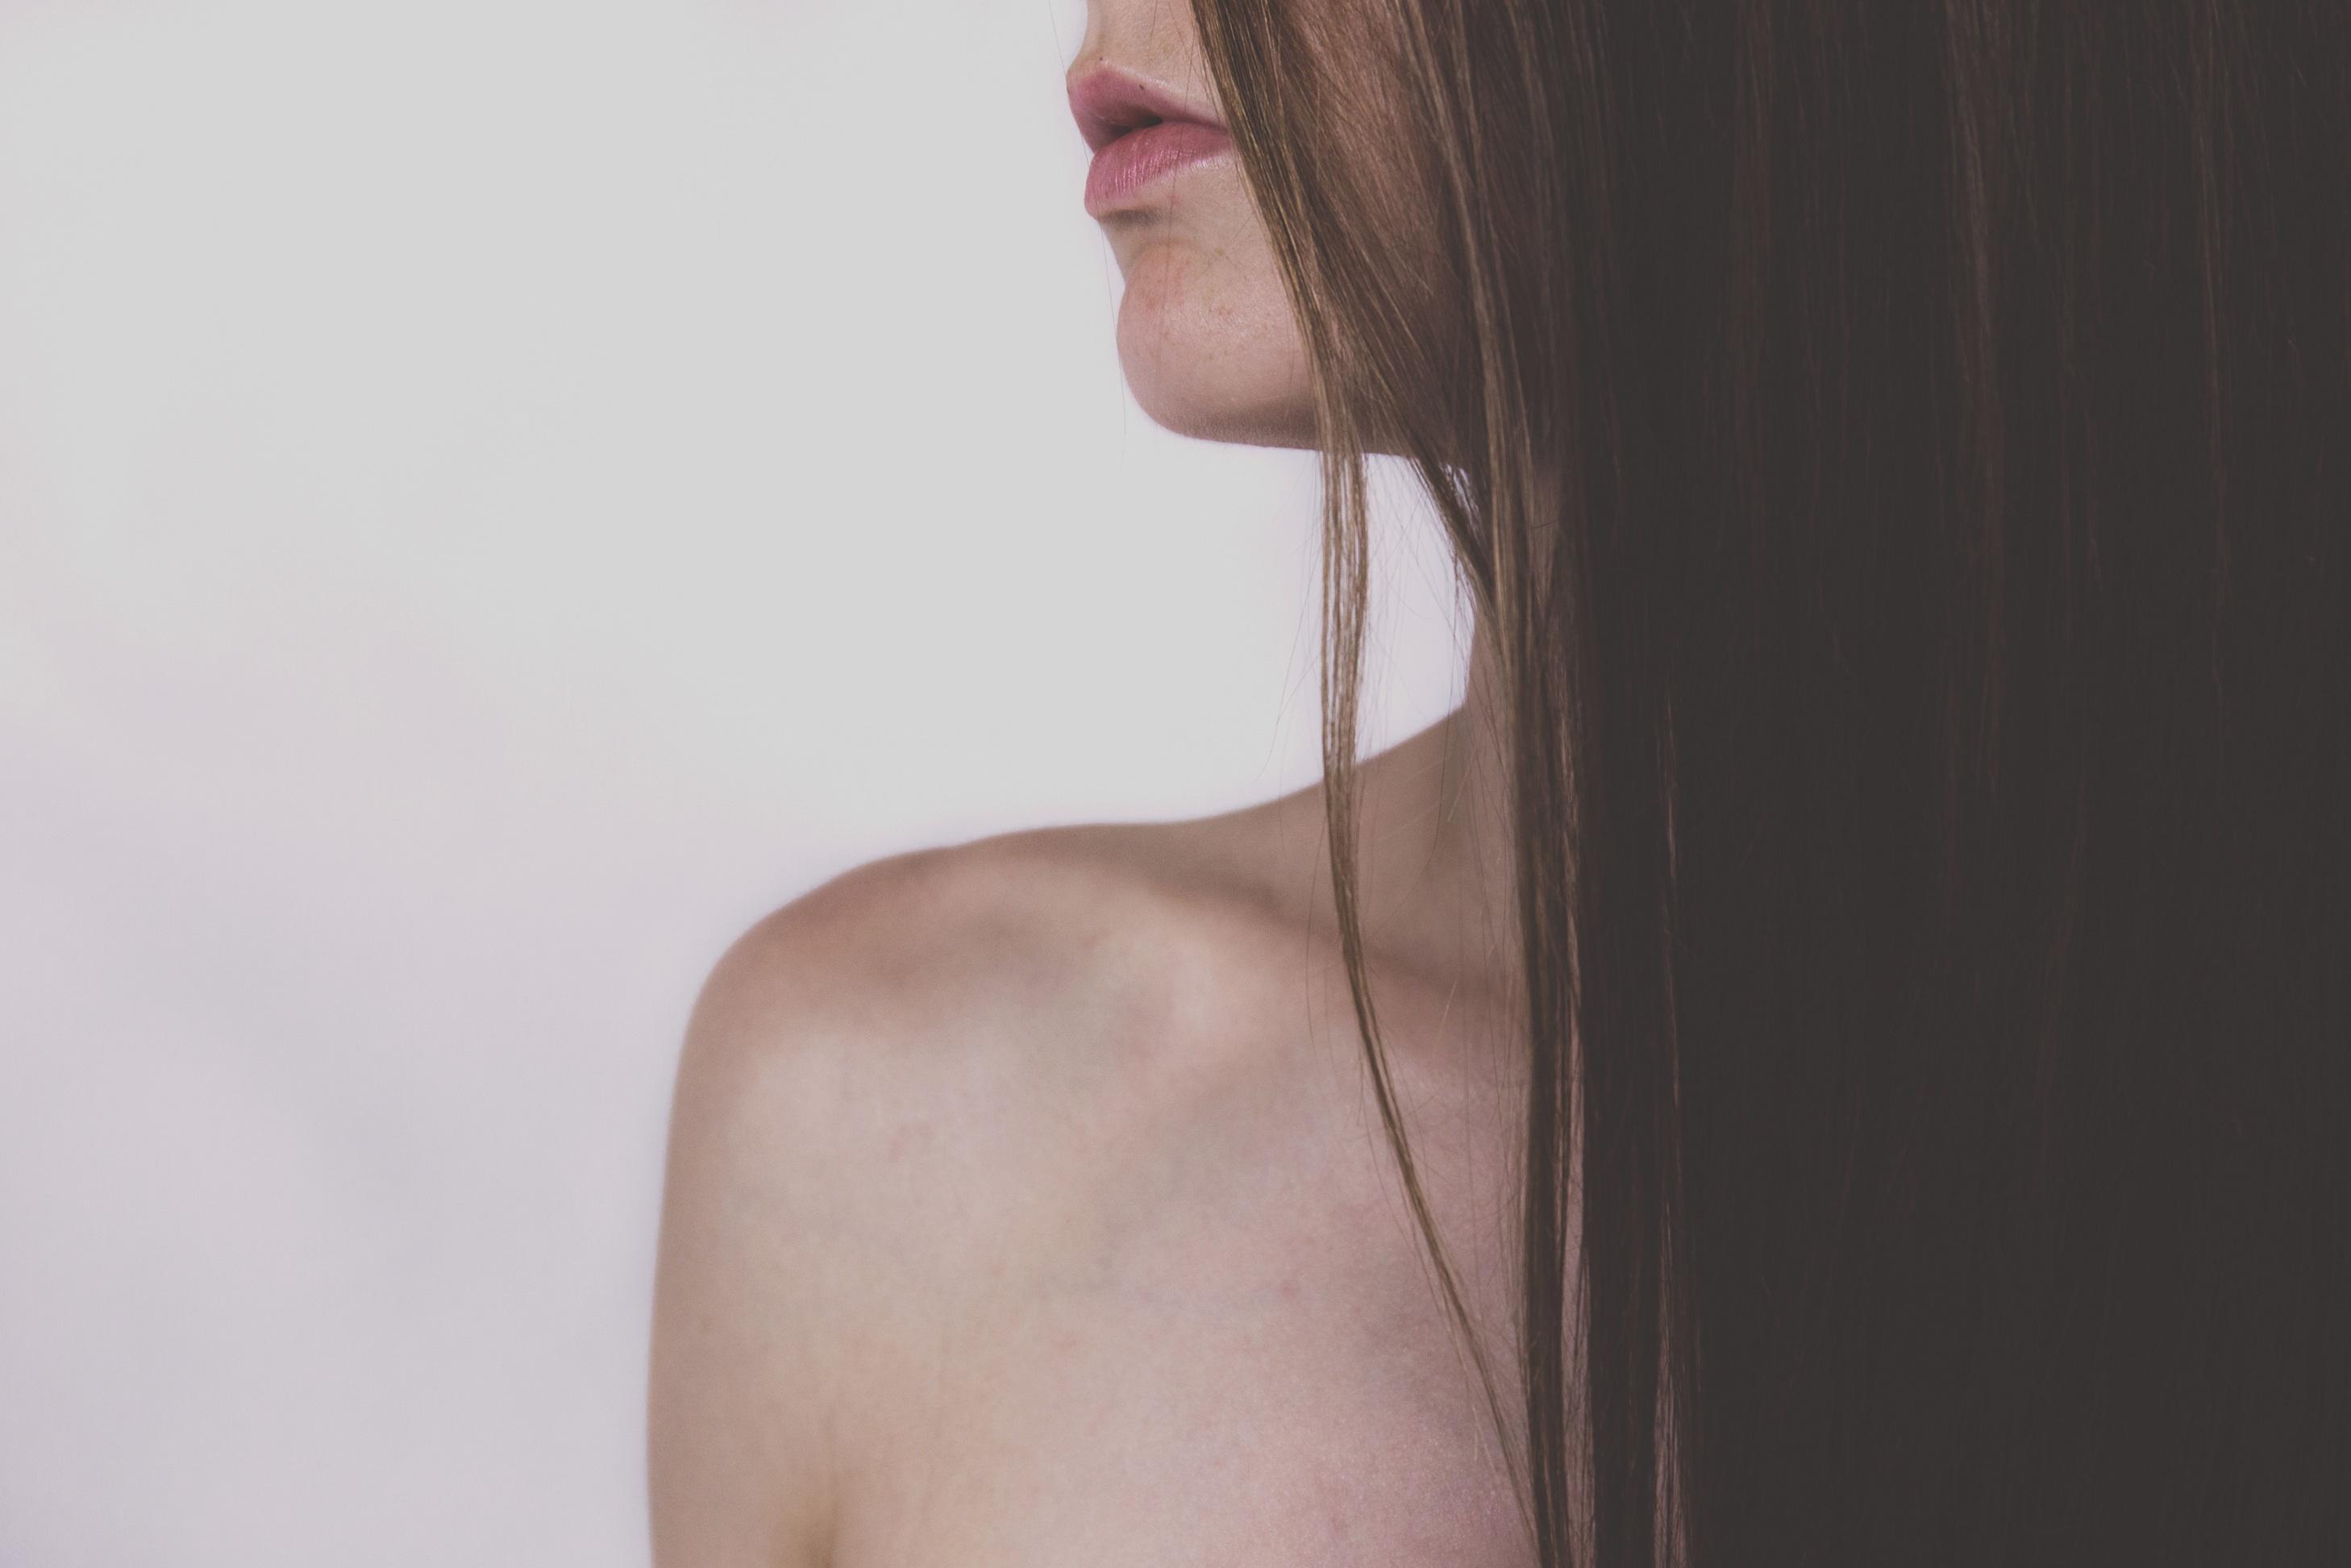 routine capillaire, prendre soin de ses cheveux, huiles essentielles cheveux, no poo, cheveux vegan, vegan 06, coiffeur vegan